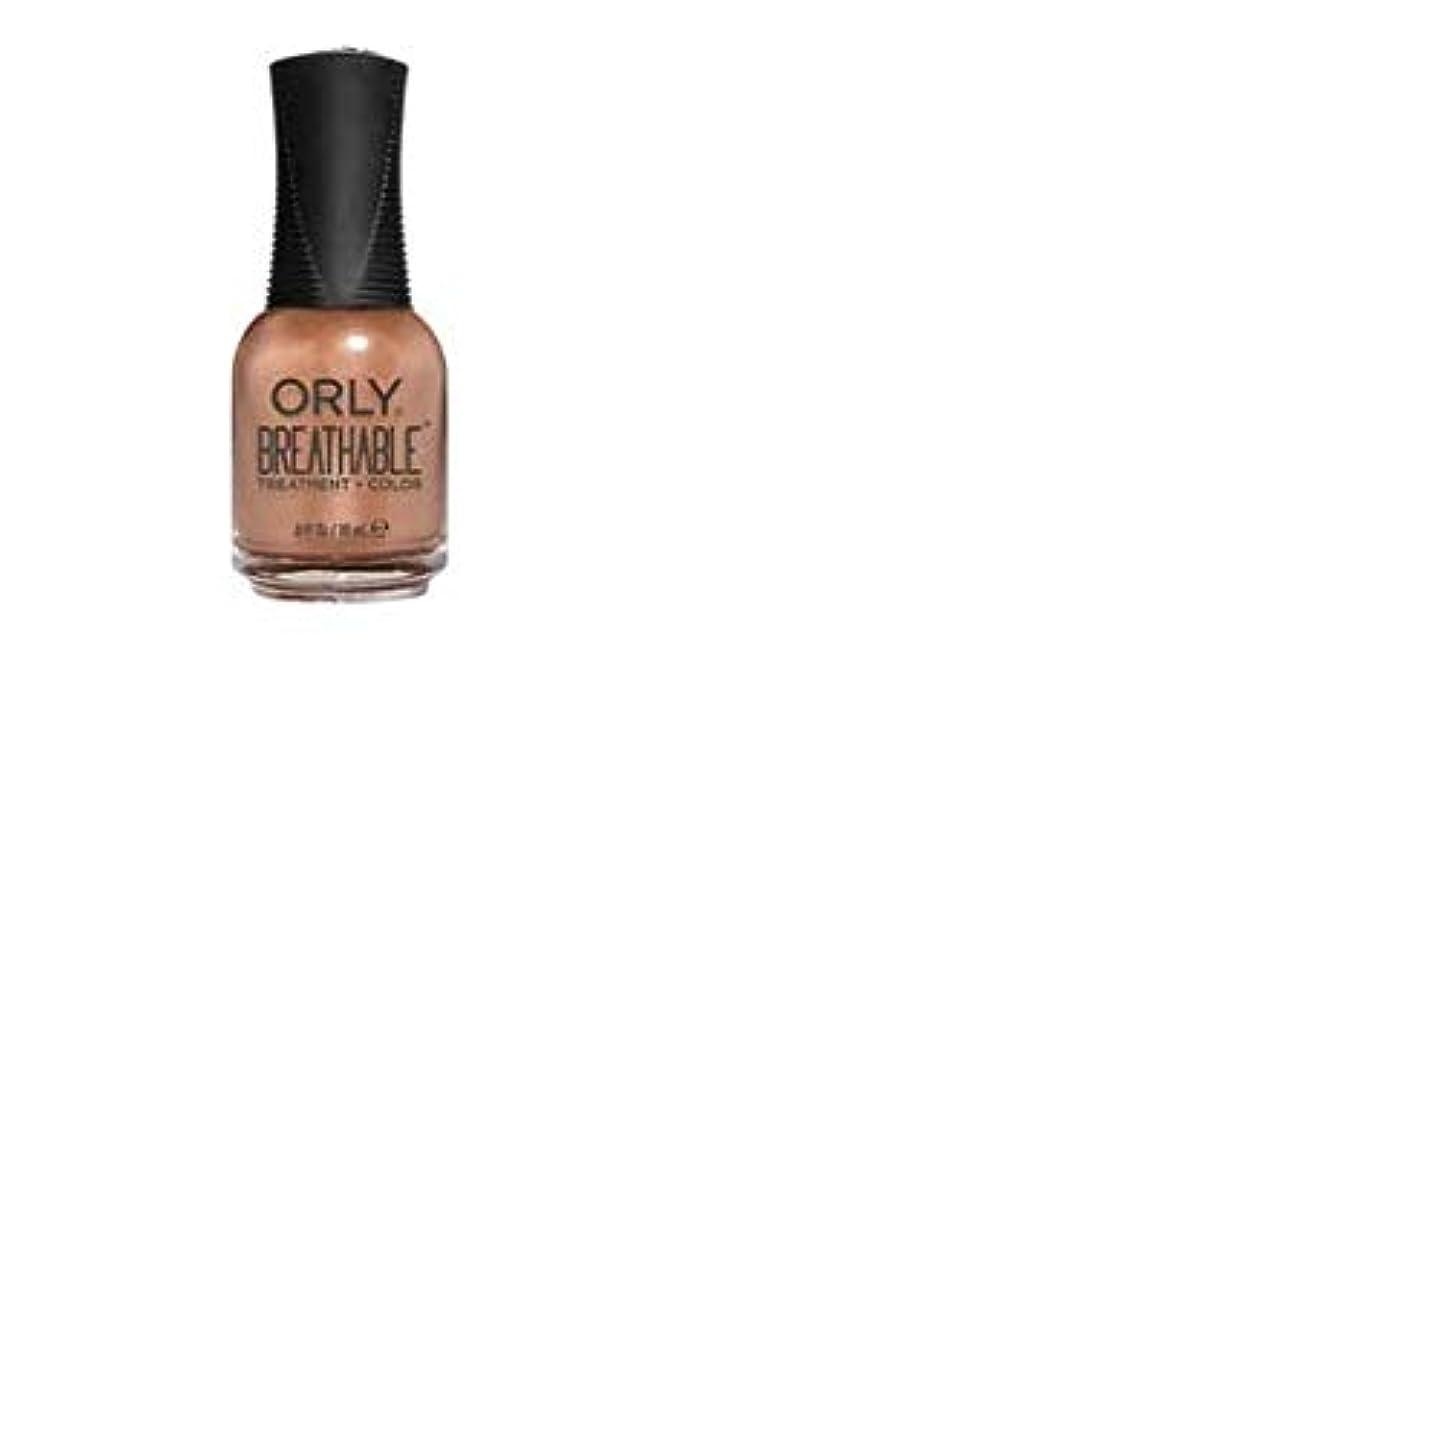 限られた記者病ORLY Breathable Lacquer - Treatment+Color - Comet Relief - 18 mL / 0.6 oz